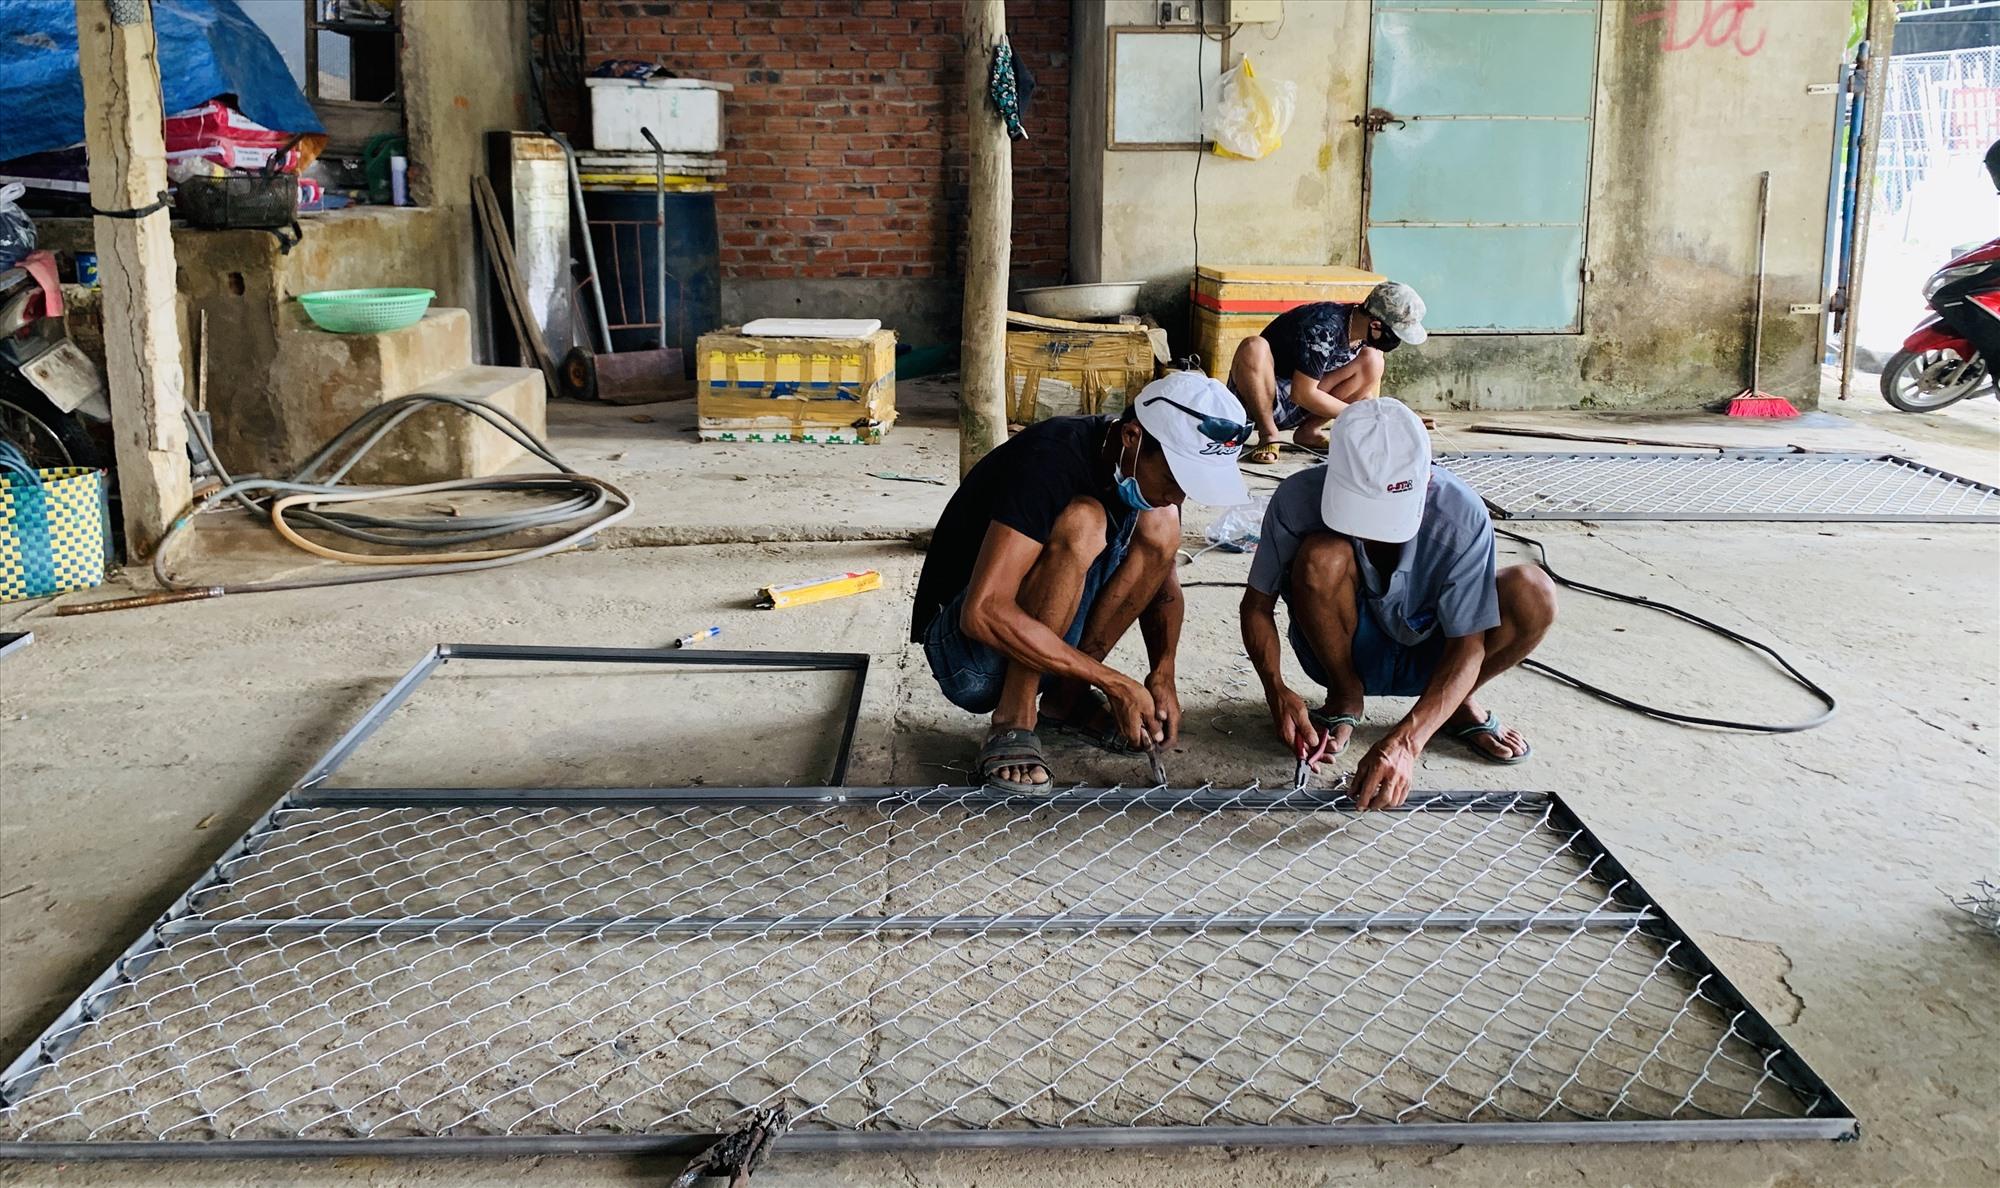 Người dân xã Duy Vinh đang rất lo lắng, họ chỉnh sửa lại cổng ngõ, tường rào để đề phòng kẻ trộm. Ảnh: PHAN VINH